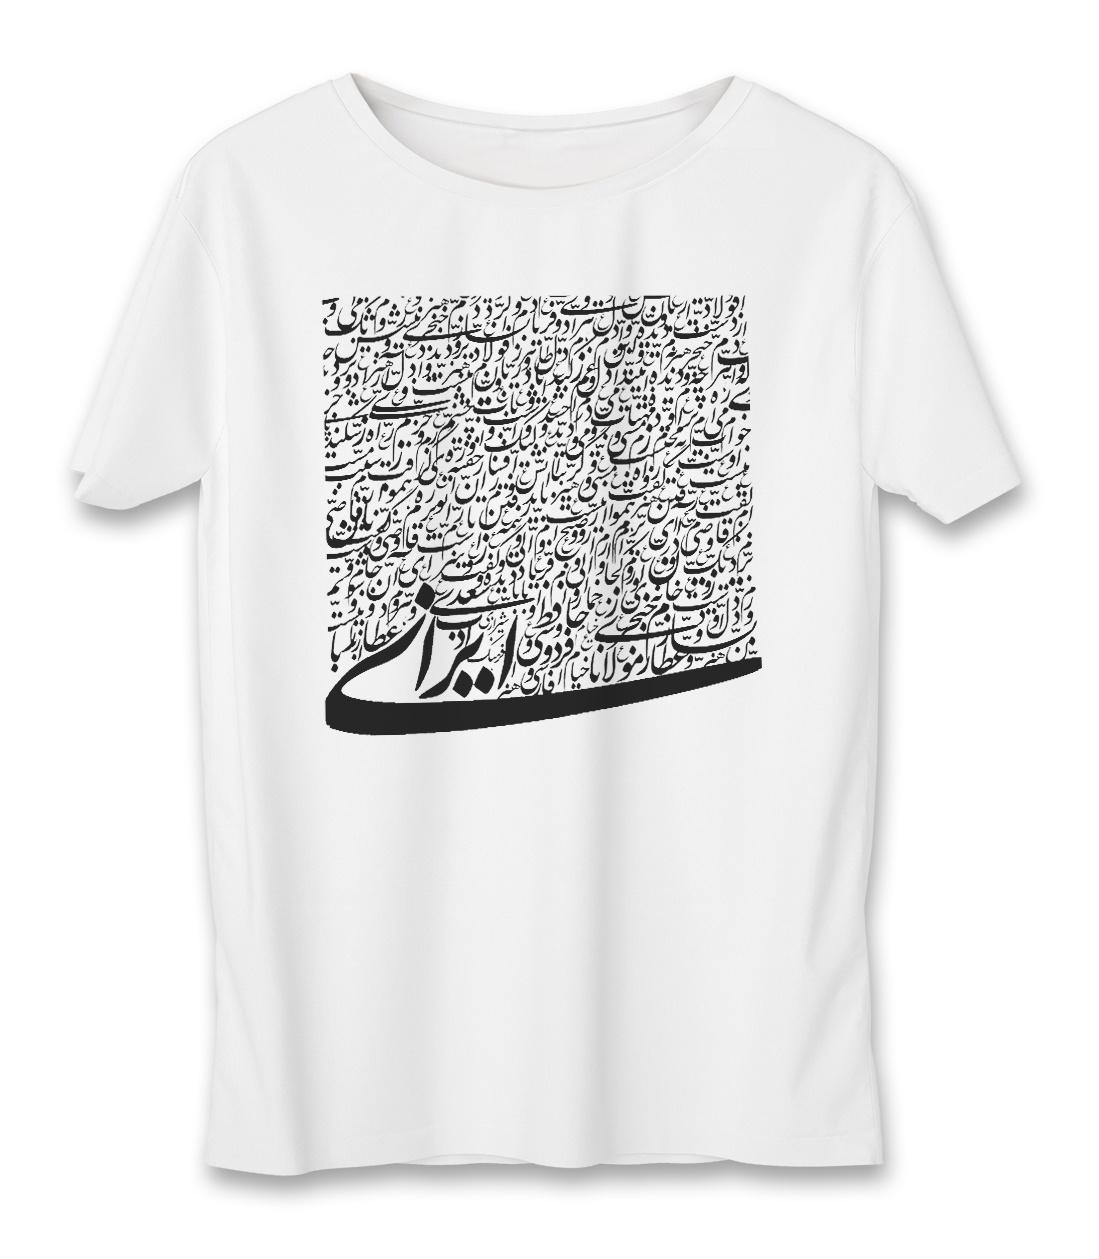 تی شرت نه به رسم طرح ادبیات ایرانی کد 5540